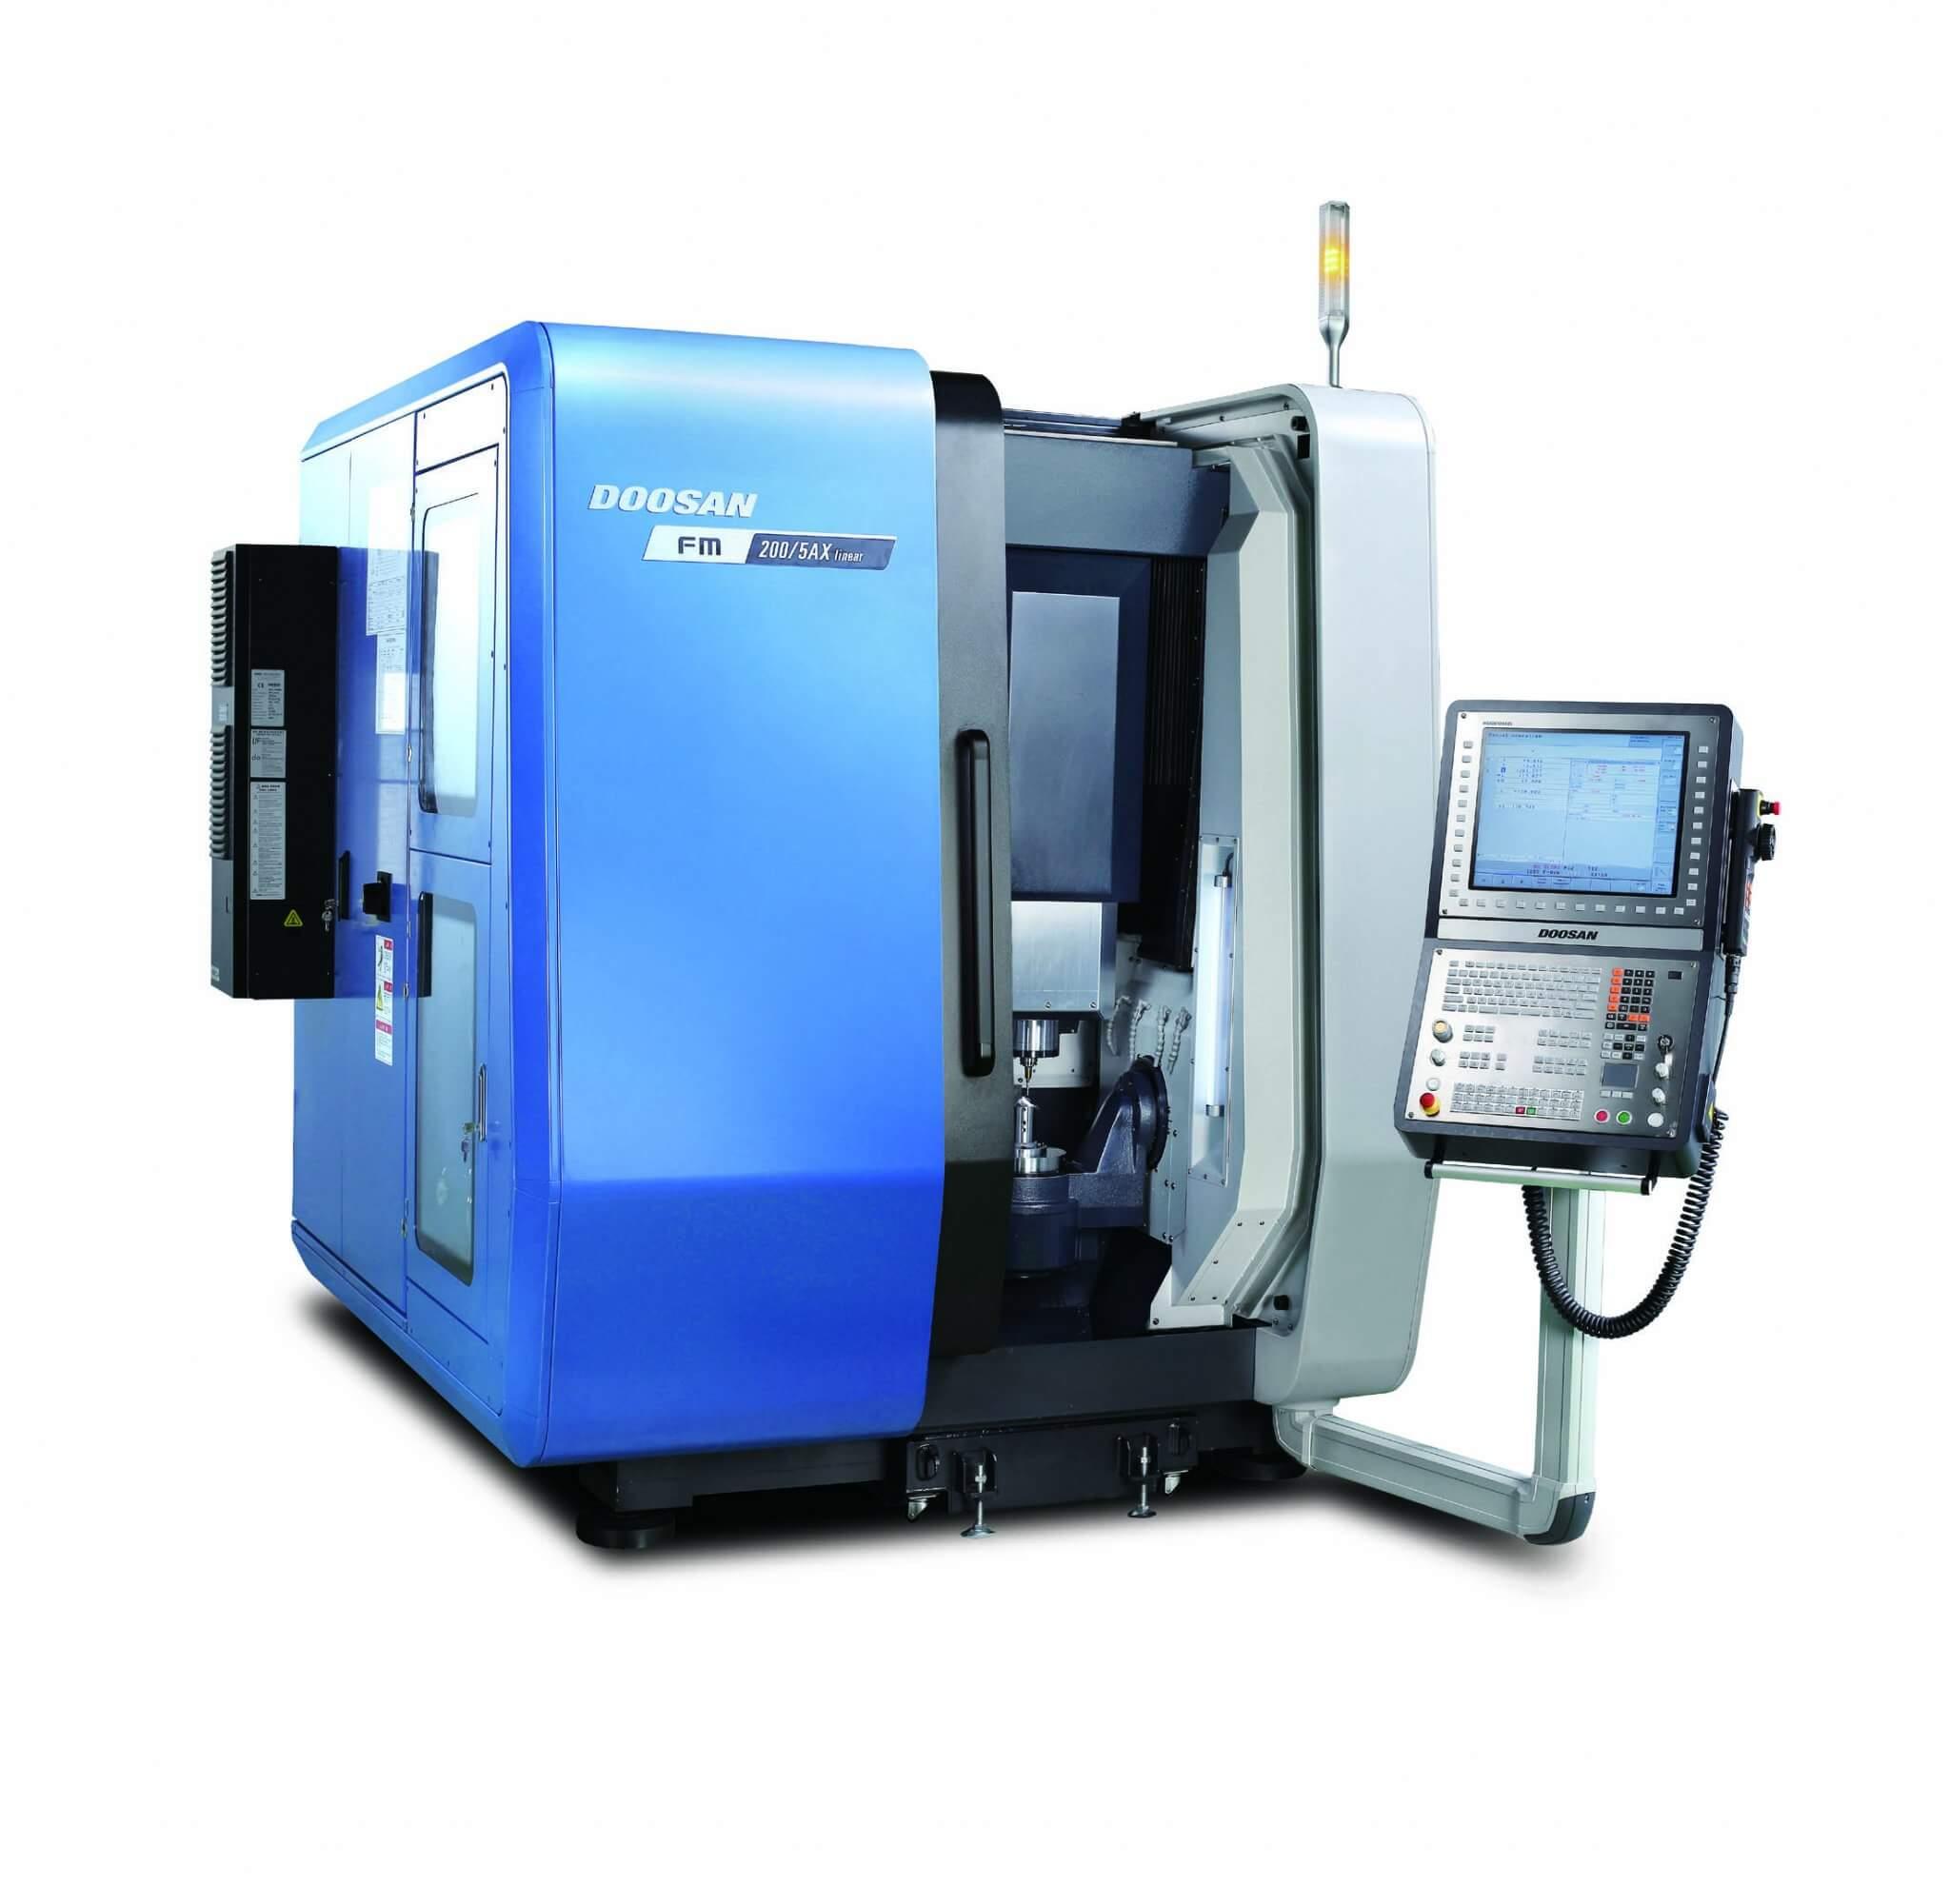 FM200-5AX